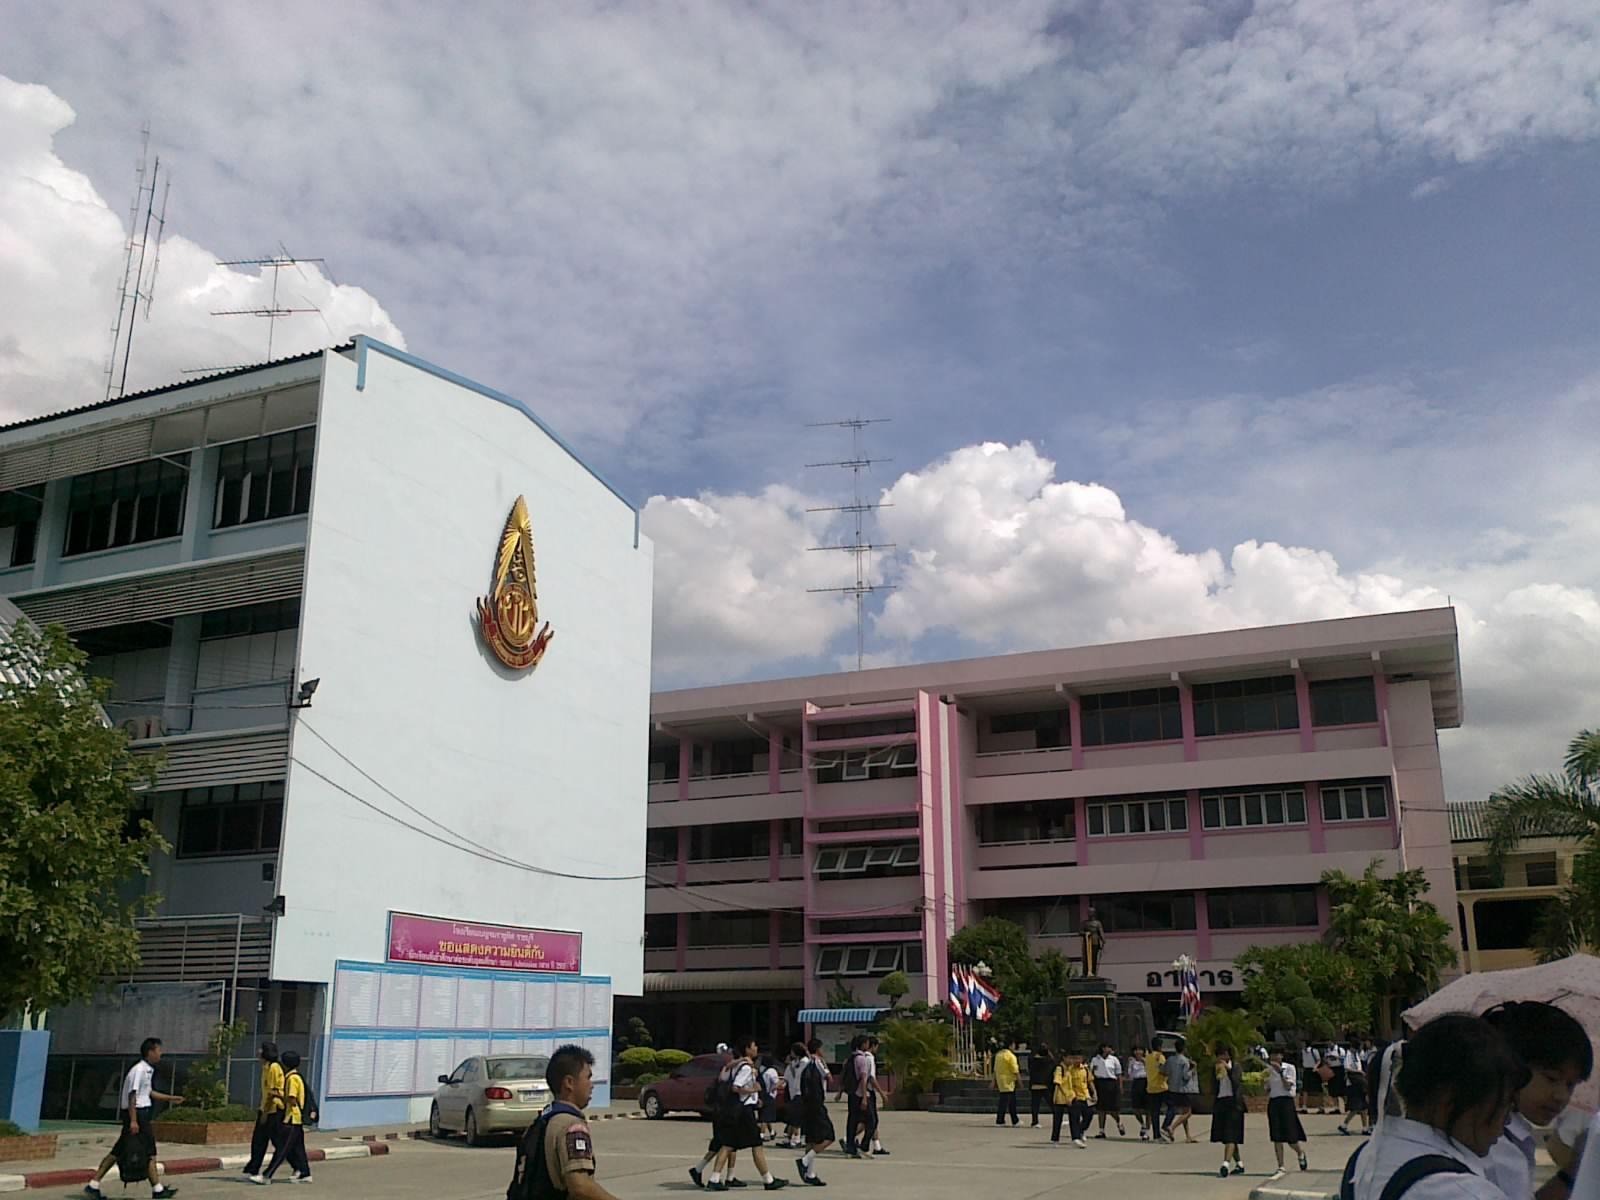 ภาพ ของ โรงเรียน ซึ่ง เต็ม